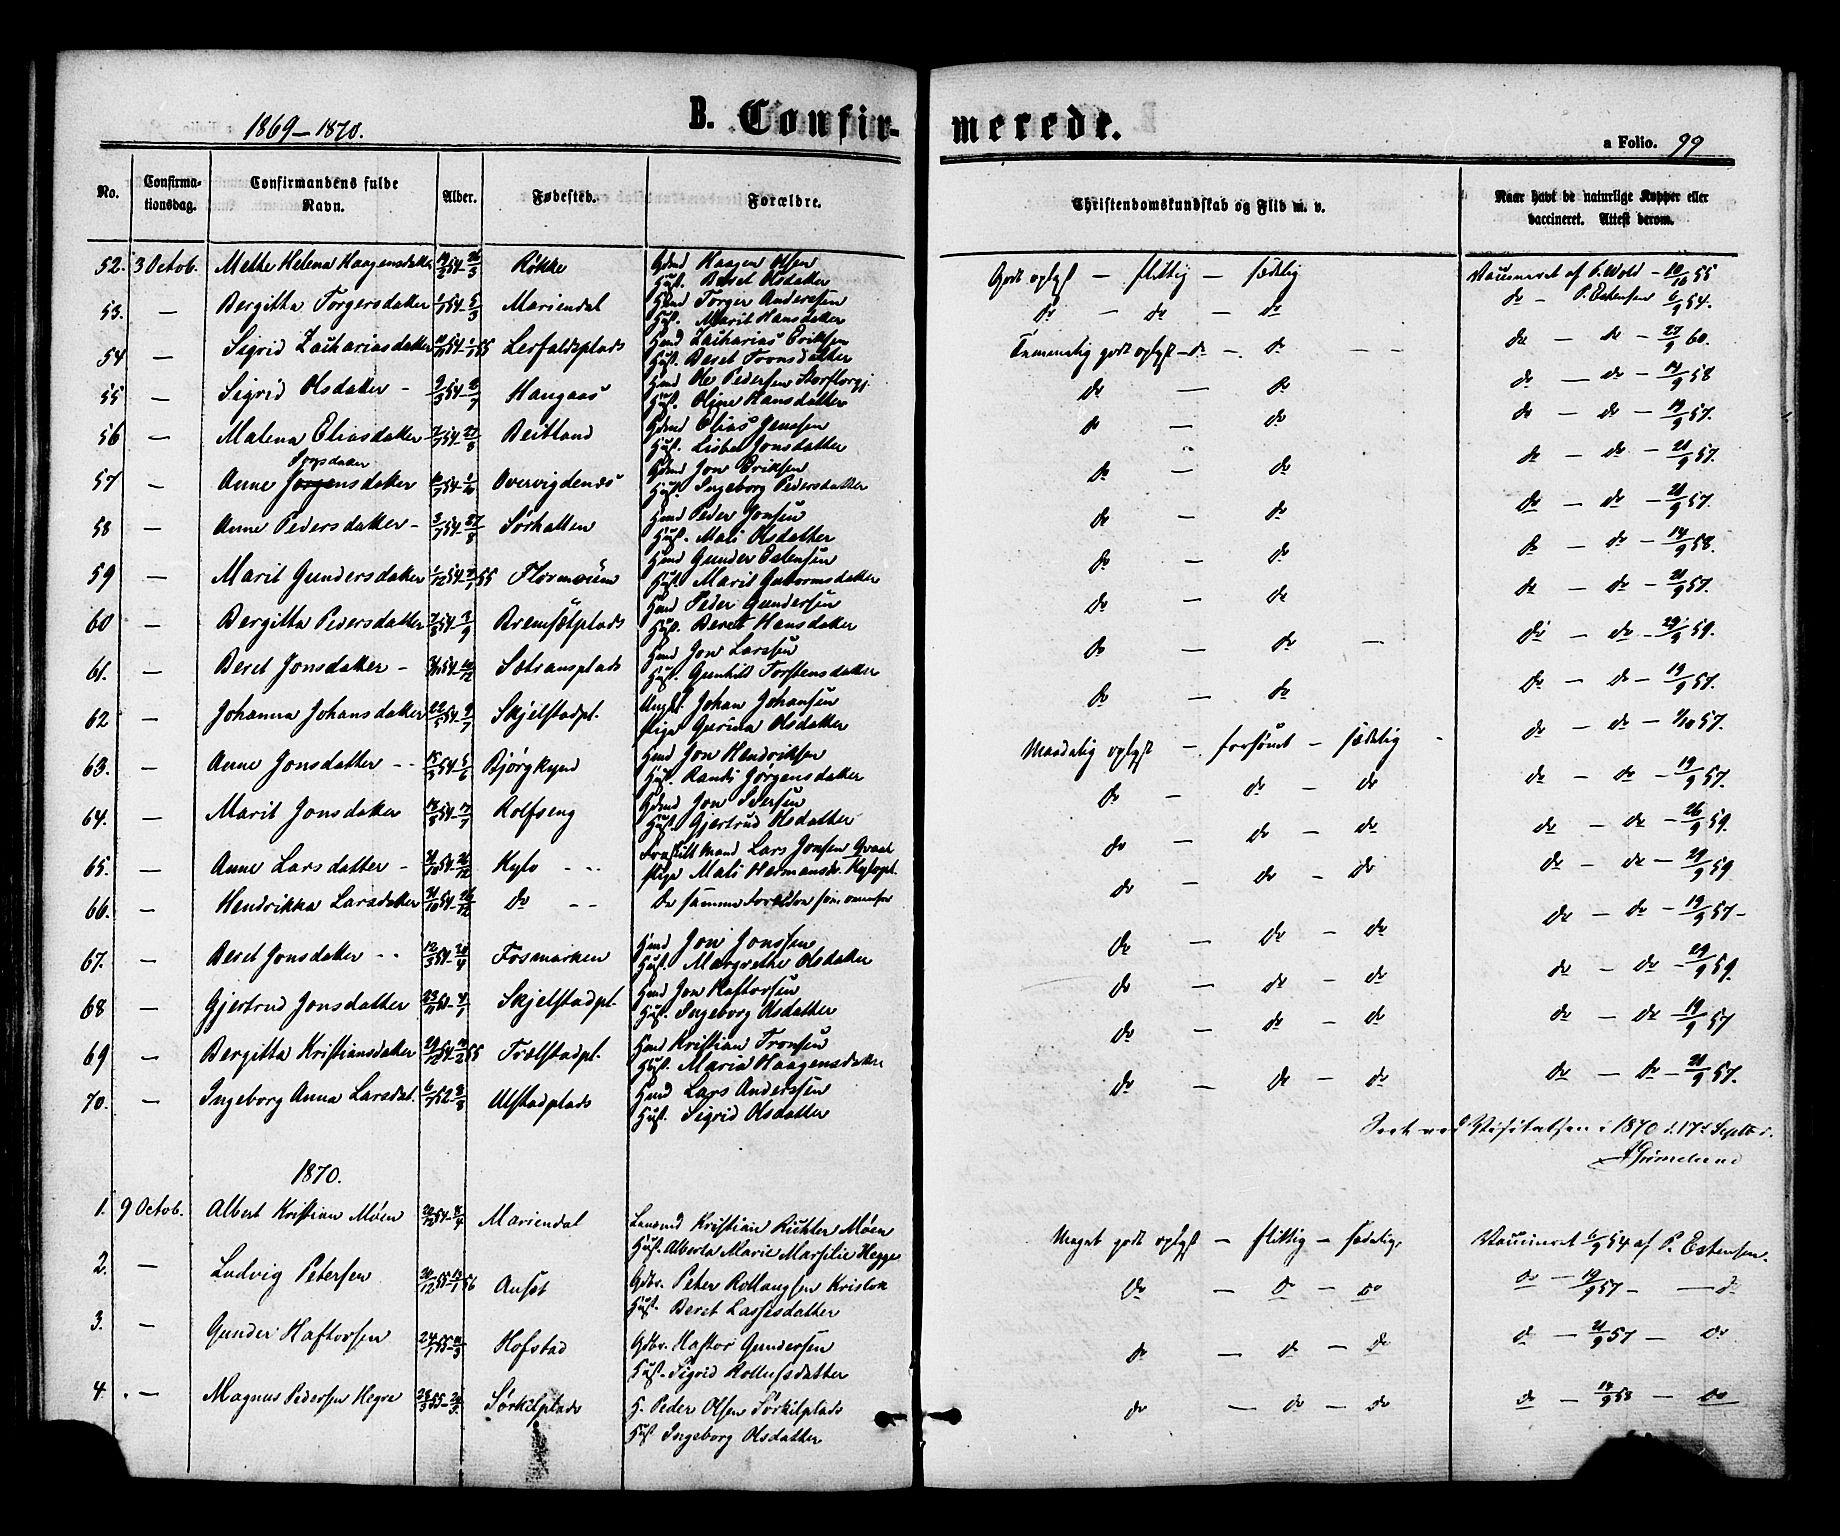 SAT, Ministerialprotokoller, klokkerbøker og fødselsregistre - Nord-Trøndelag, 703/L0029: Ministerialbok nr. 703A02, 1863-1879, s. 99